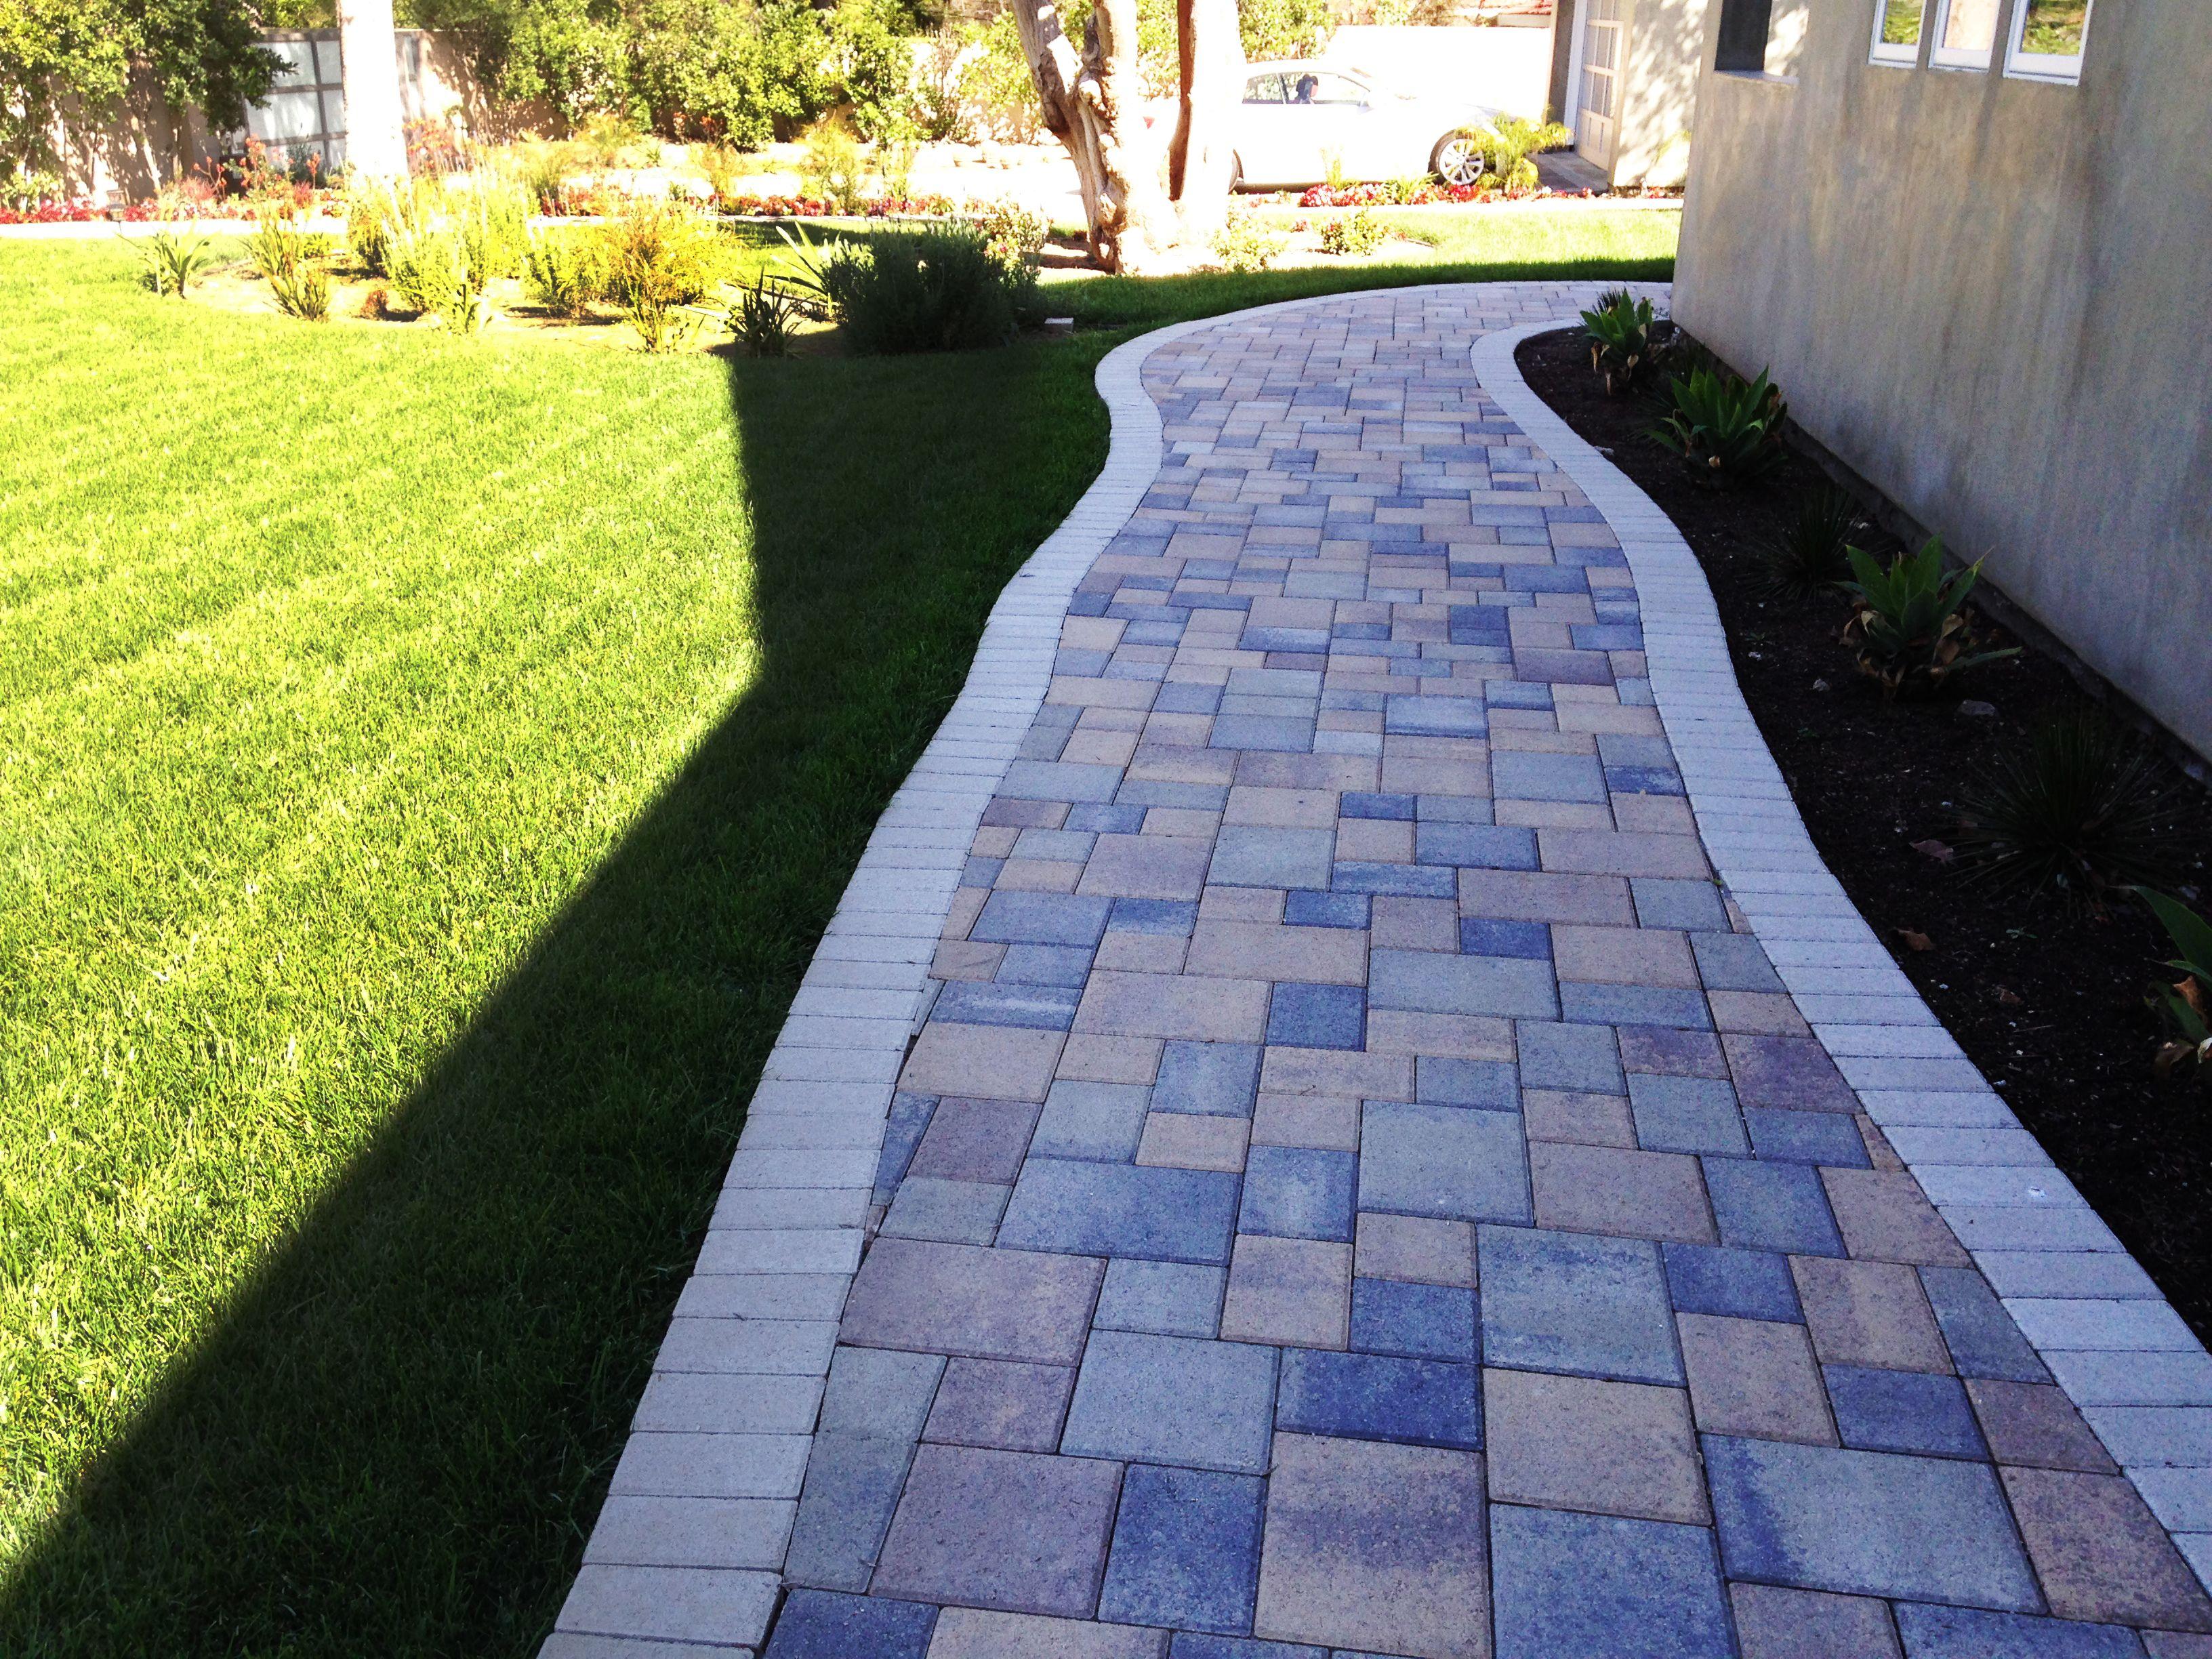 New Colorful Walkway Driveway Pavers Brick Stonework